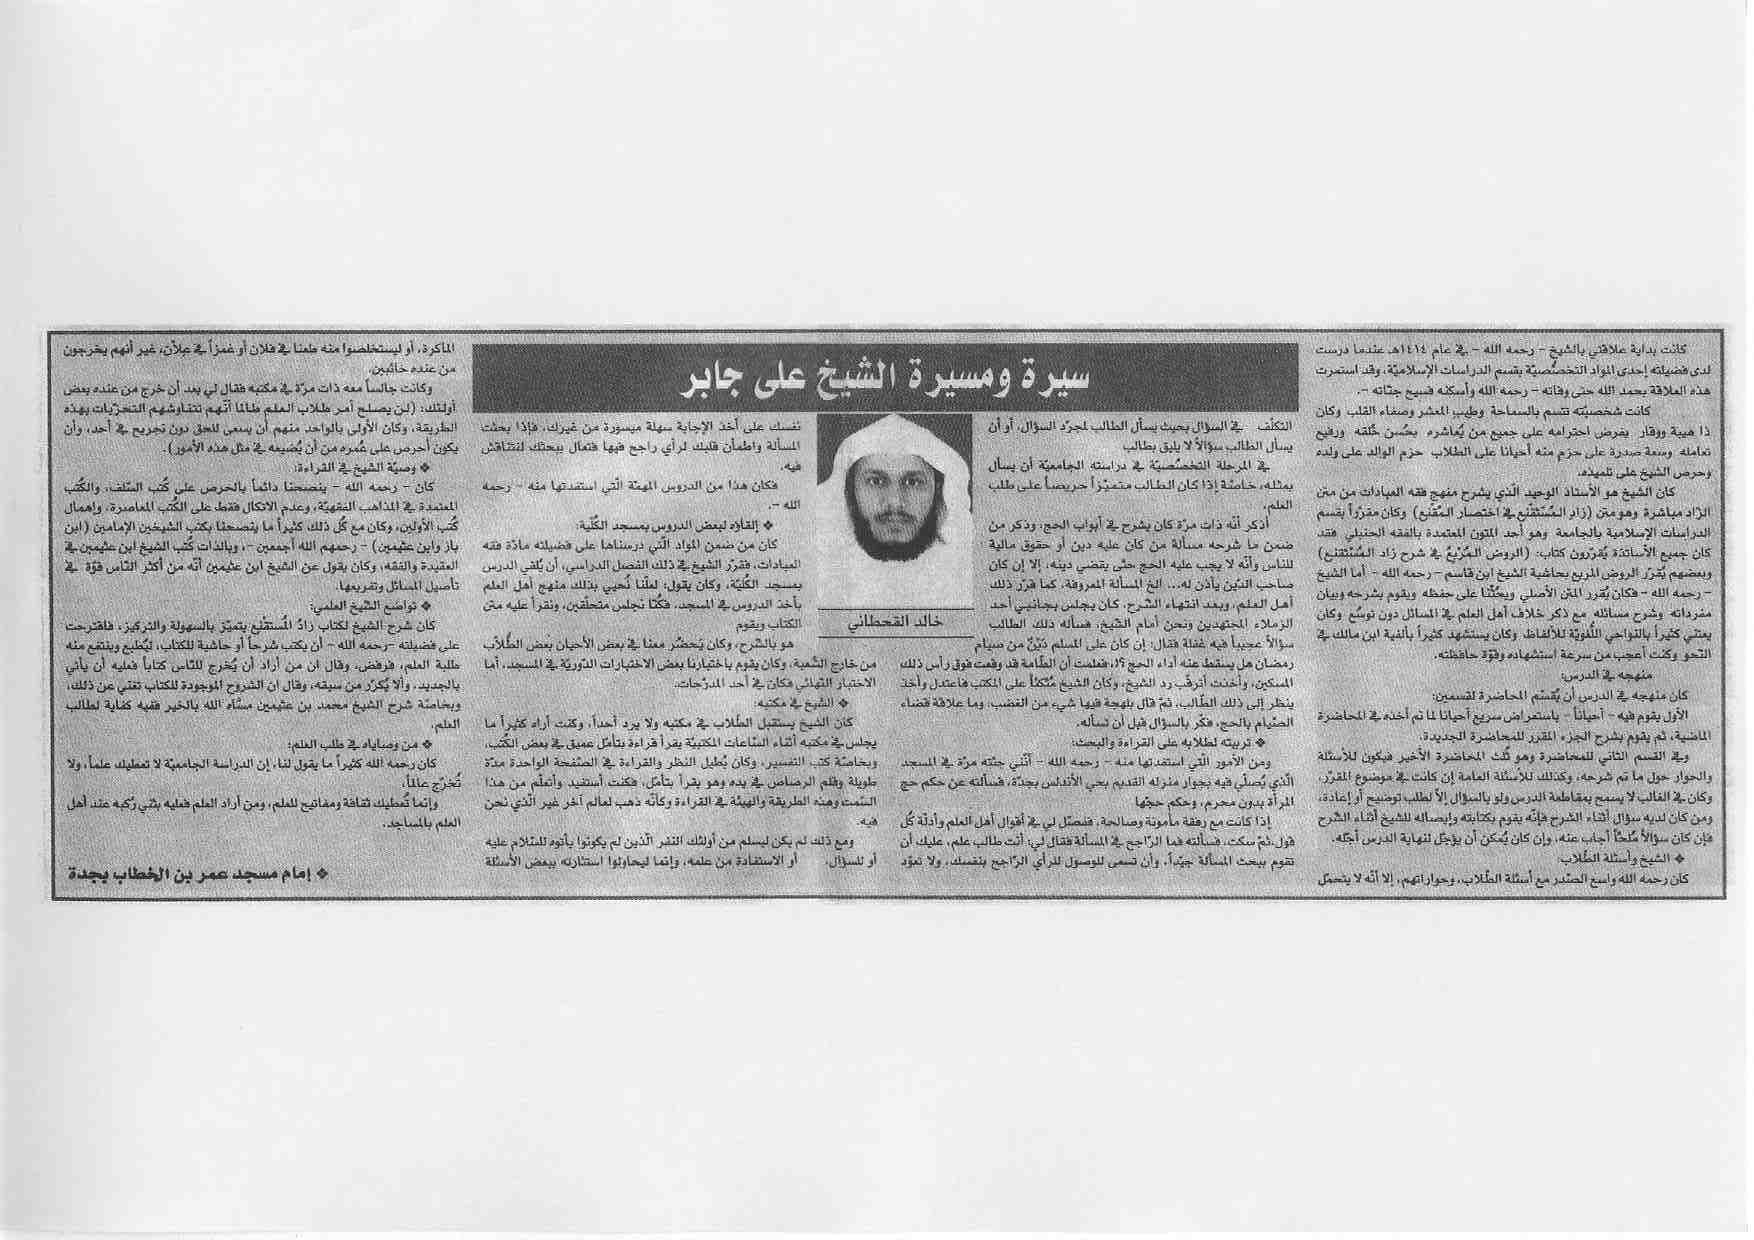 سيرة ومسيرة الشيخ علي جابر